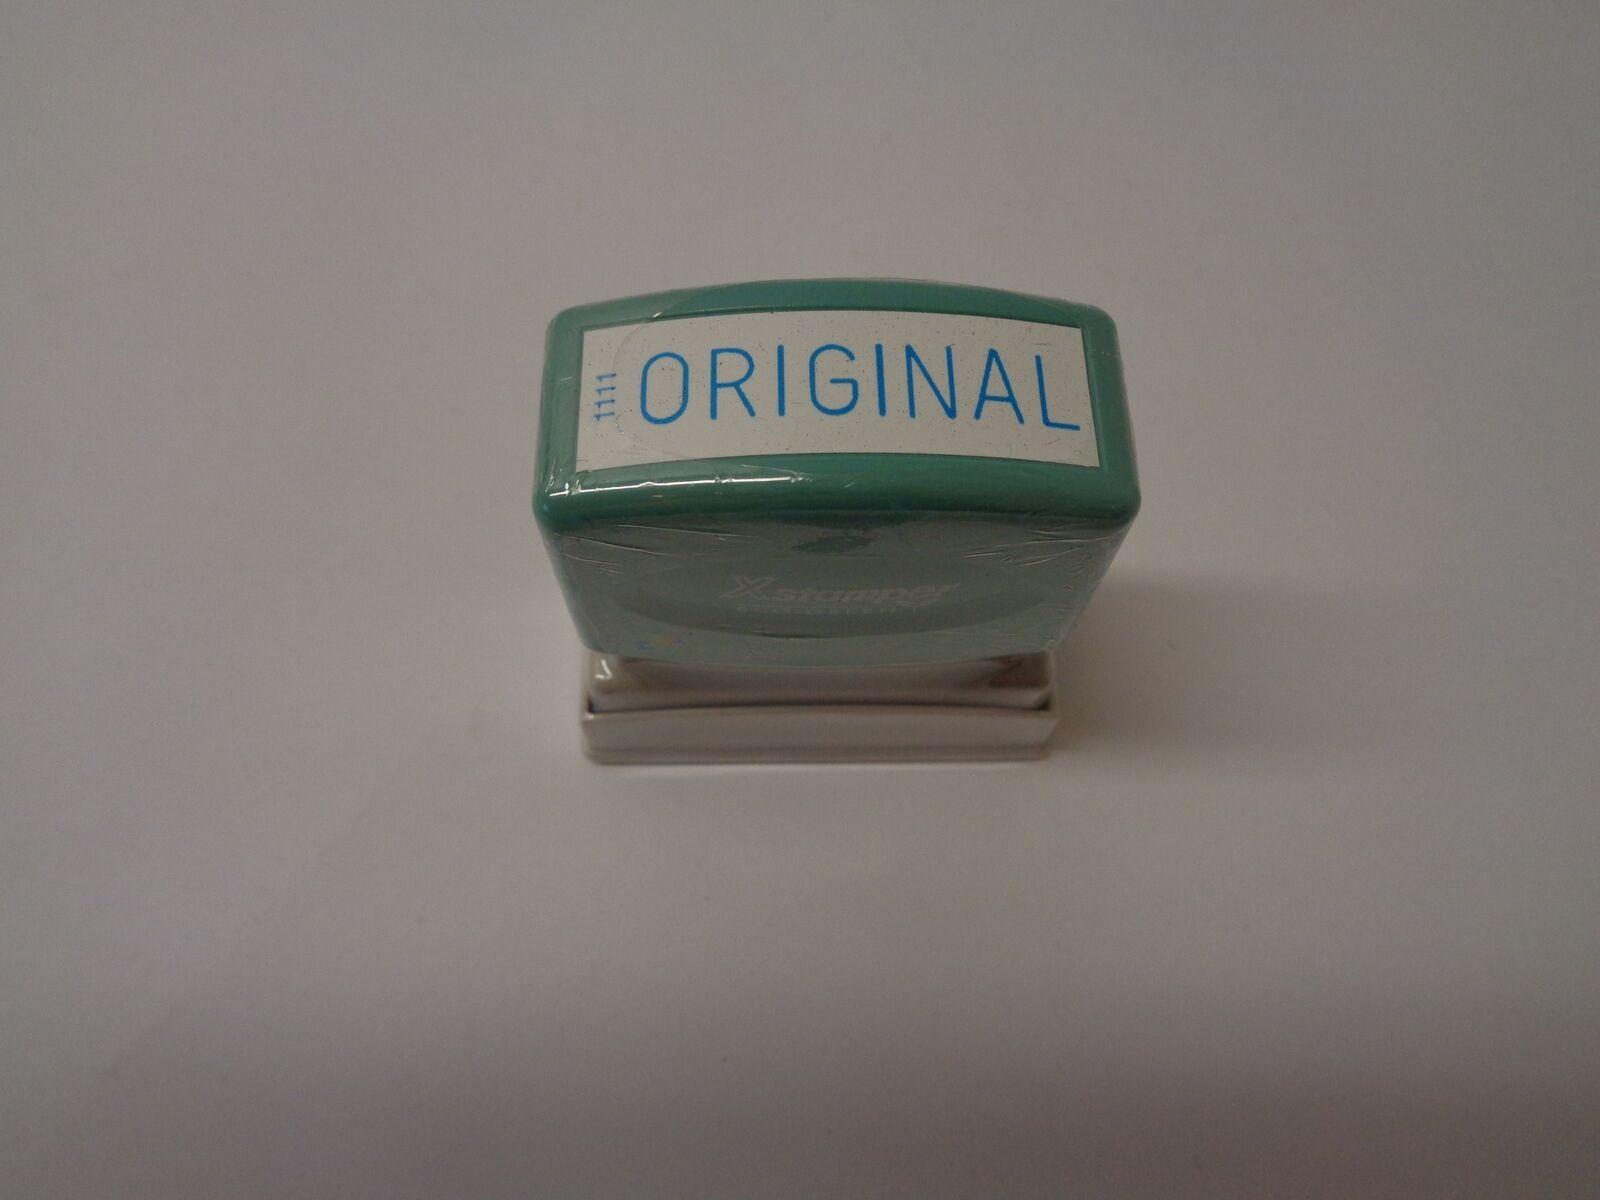 Qty = 1 Box of 12  Xstamper  Original  Pre-inked Stamper bluee Ink P N 1111